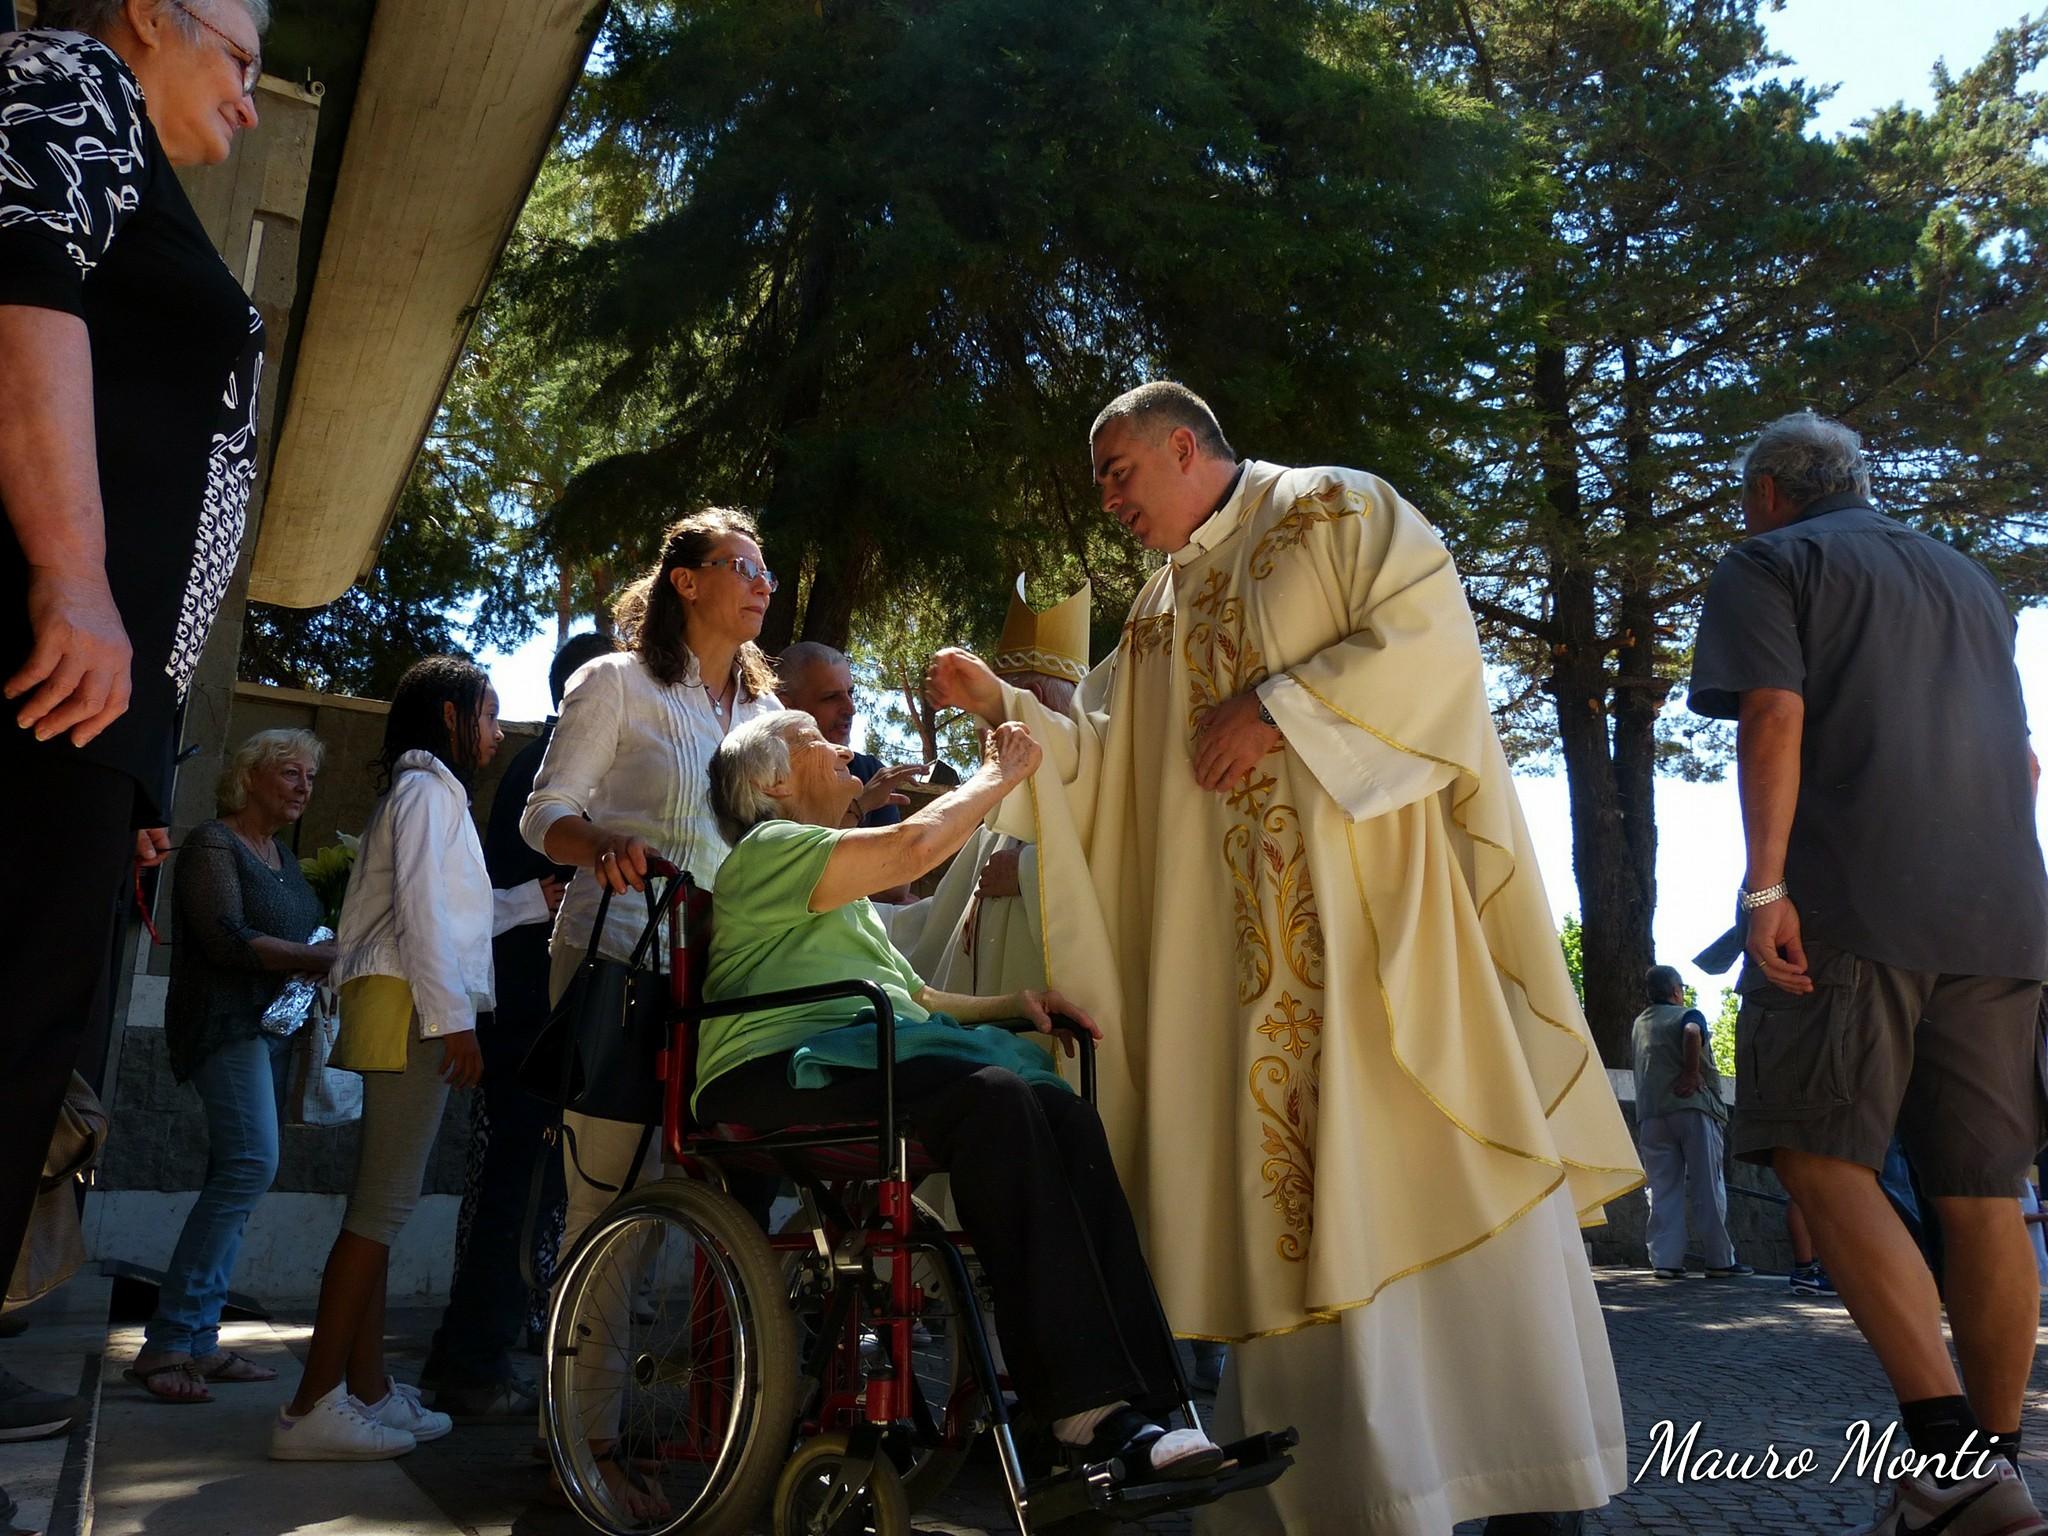 18768300_Celebrazione eucaristica. Preside S.E.R. Mon Antonio Santarsiero vescovo di Houcho - Lima Perù_7166613001648881311_o